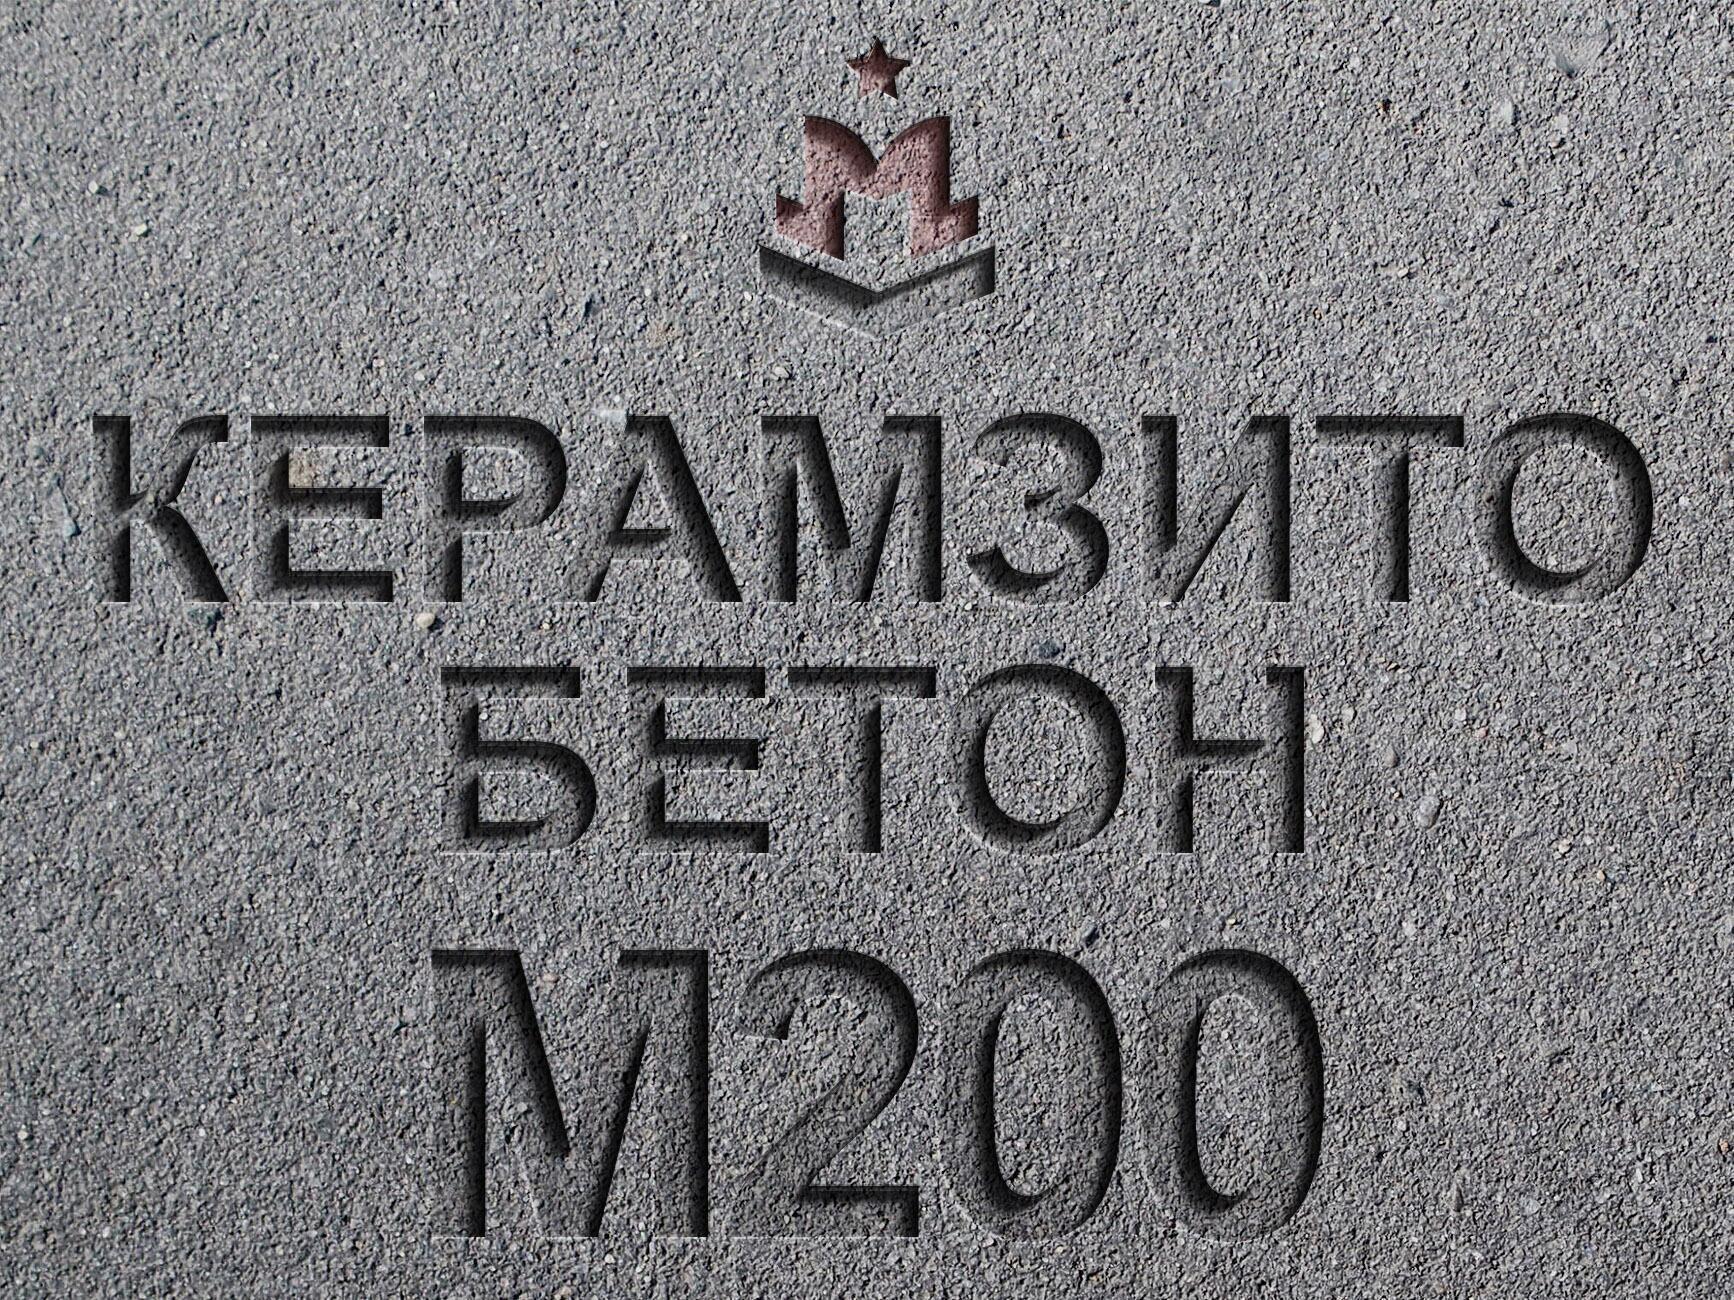 Керамзитобетон класс и марка пропитывать бетон